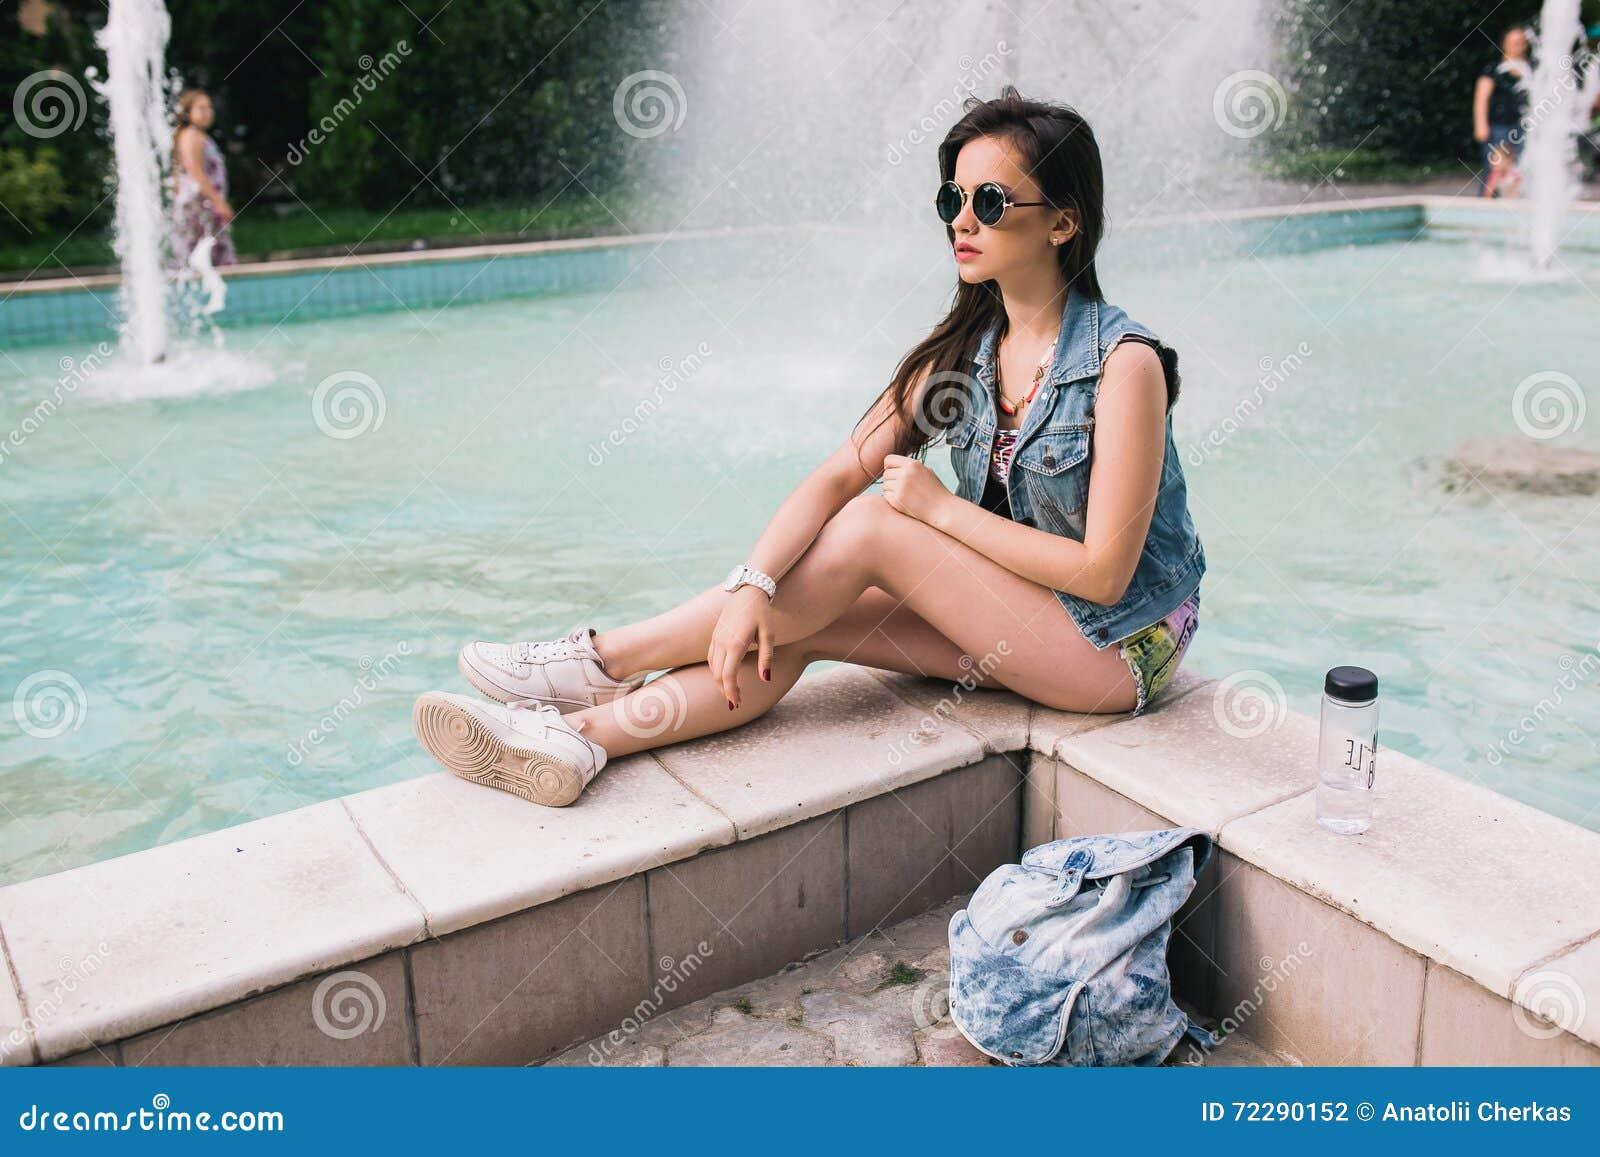 Download Стильная девушка в стеклах на улицах Стоковое Фото - изображение насчитывающей baggies, стильно: 72290152